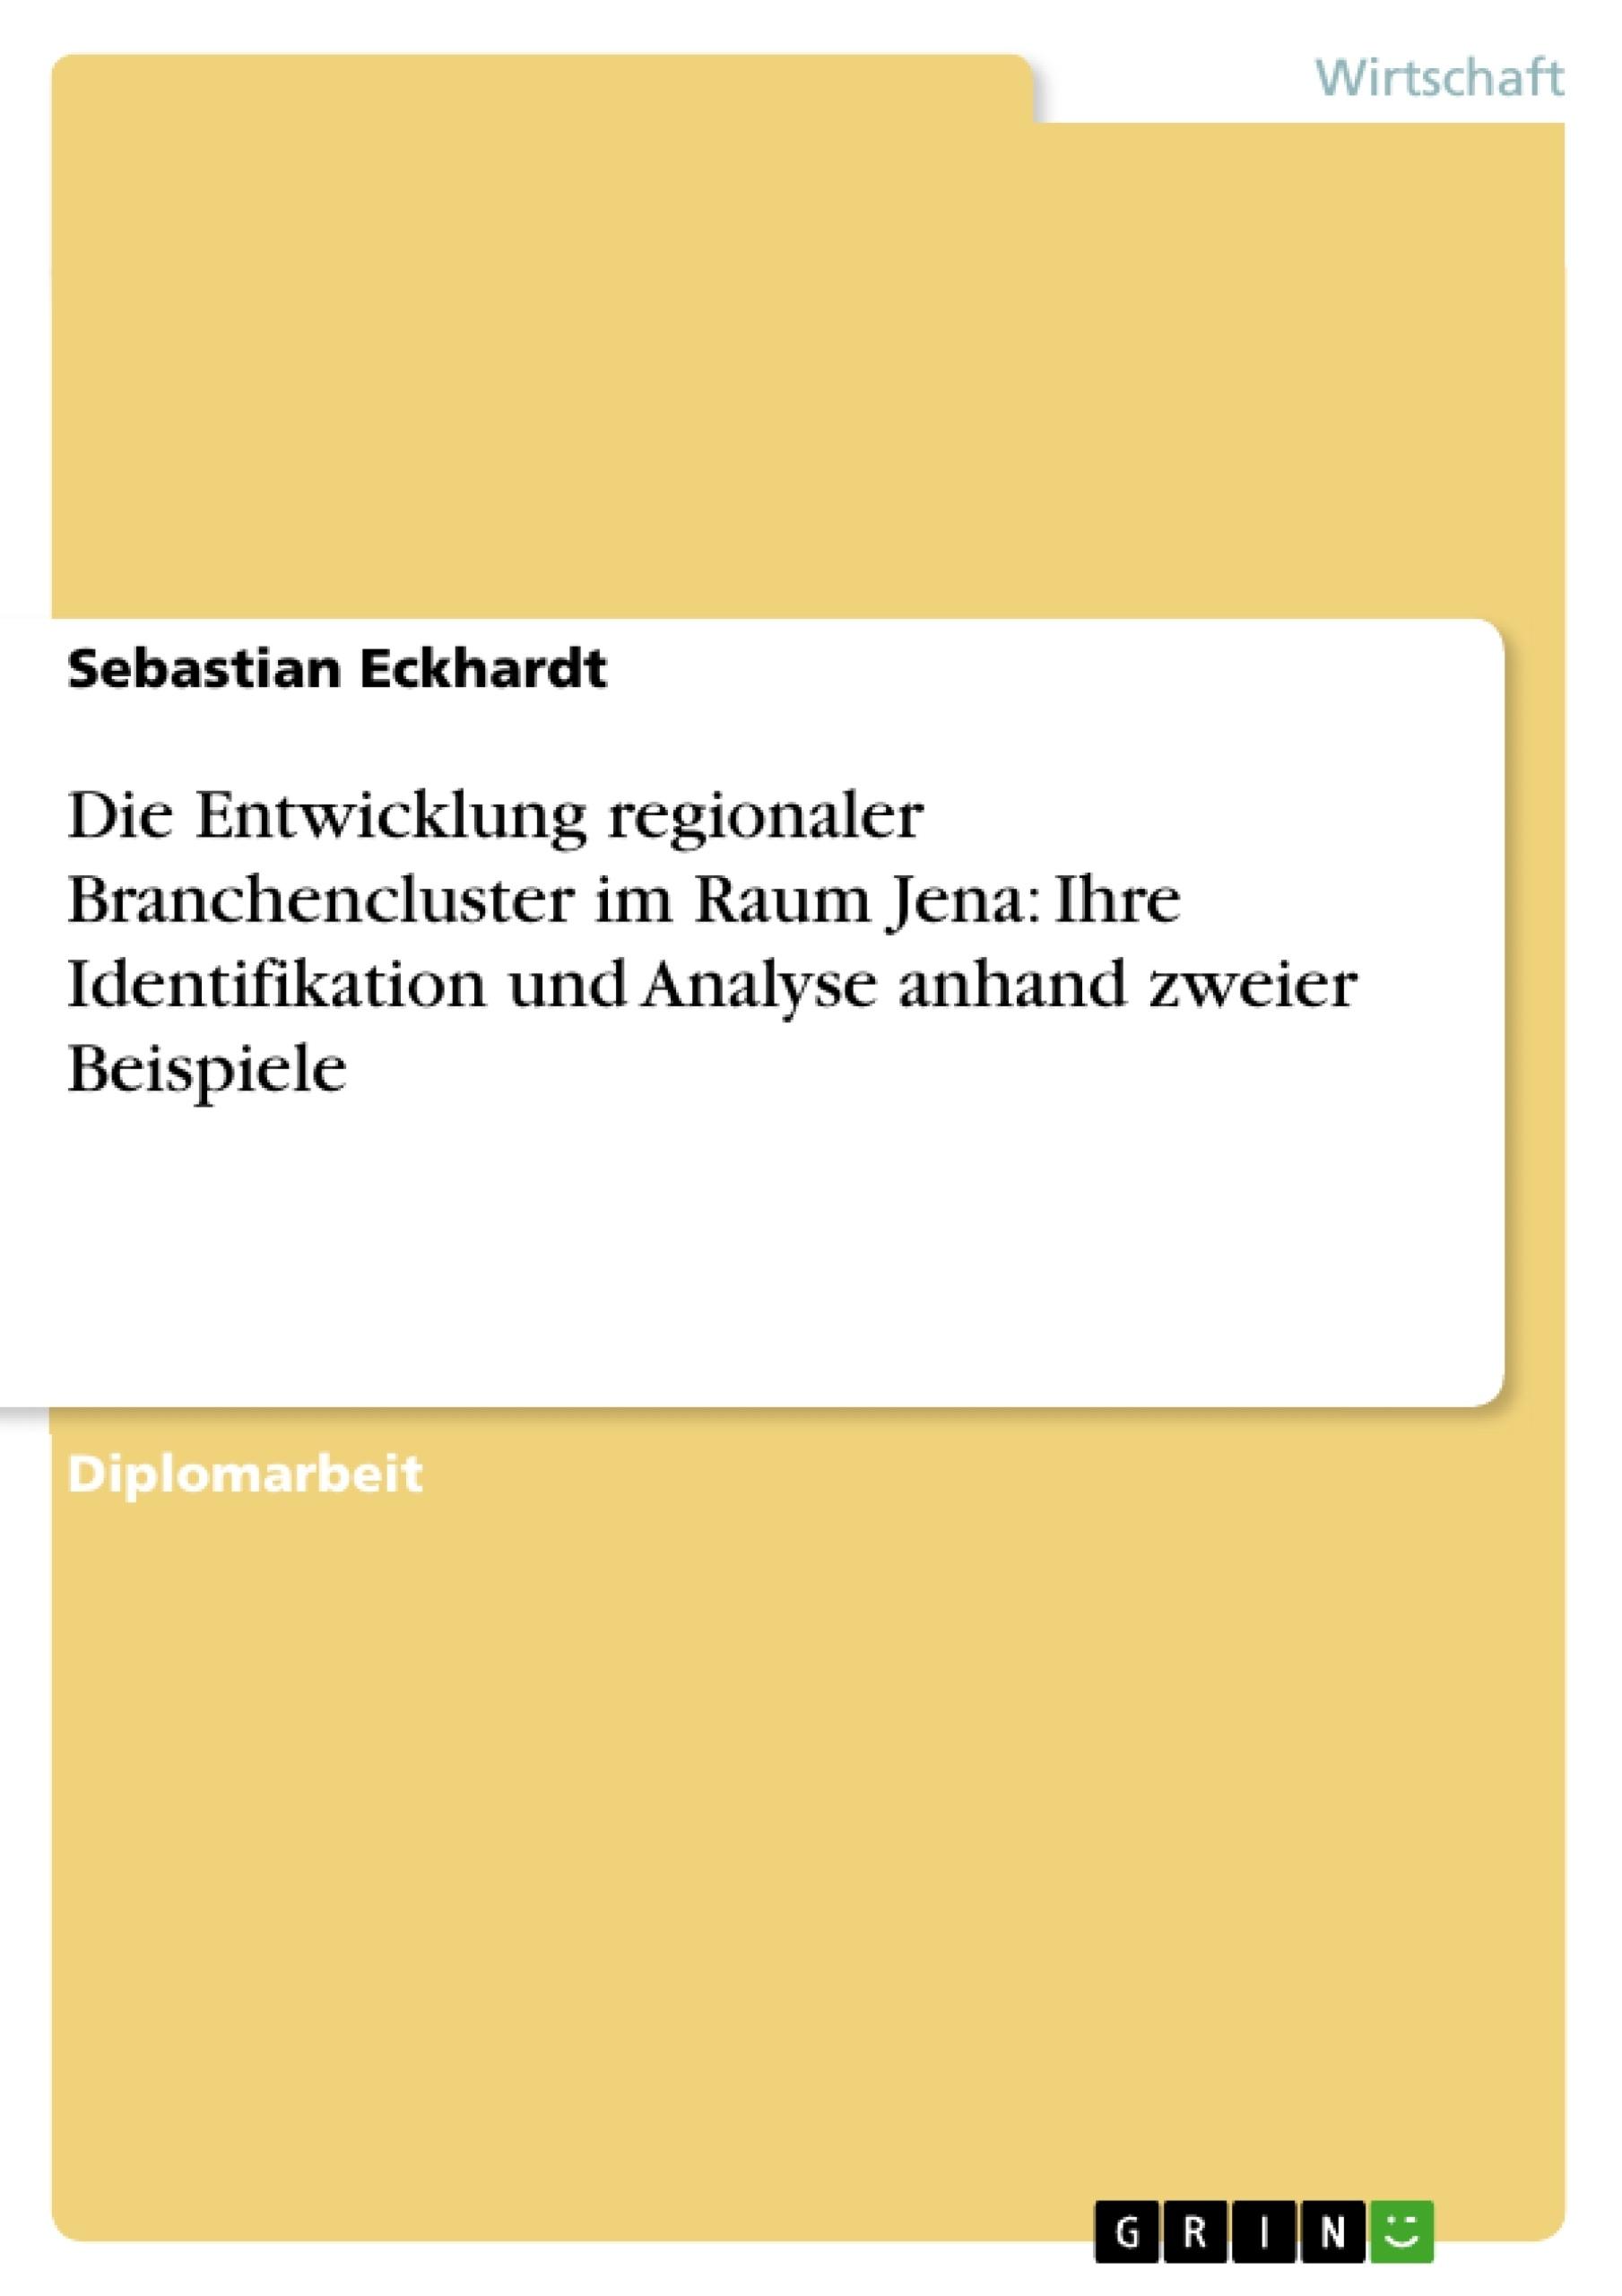 Titel: Die Entwicklung regionaler Branchencluster im Raum Jena: Ihre Identifikation und Analyse anhand zweier Beispiele